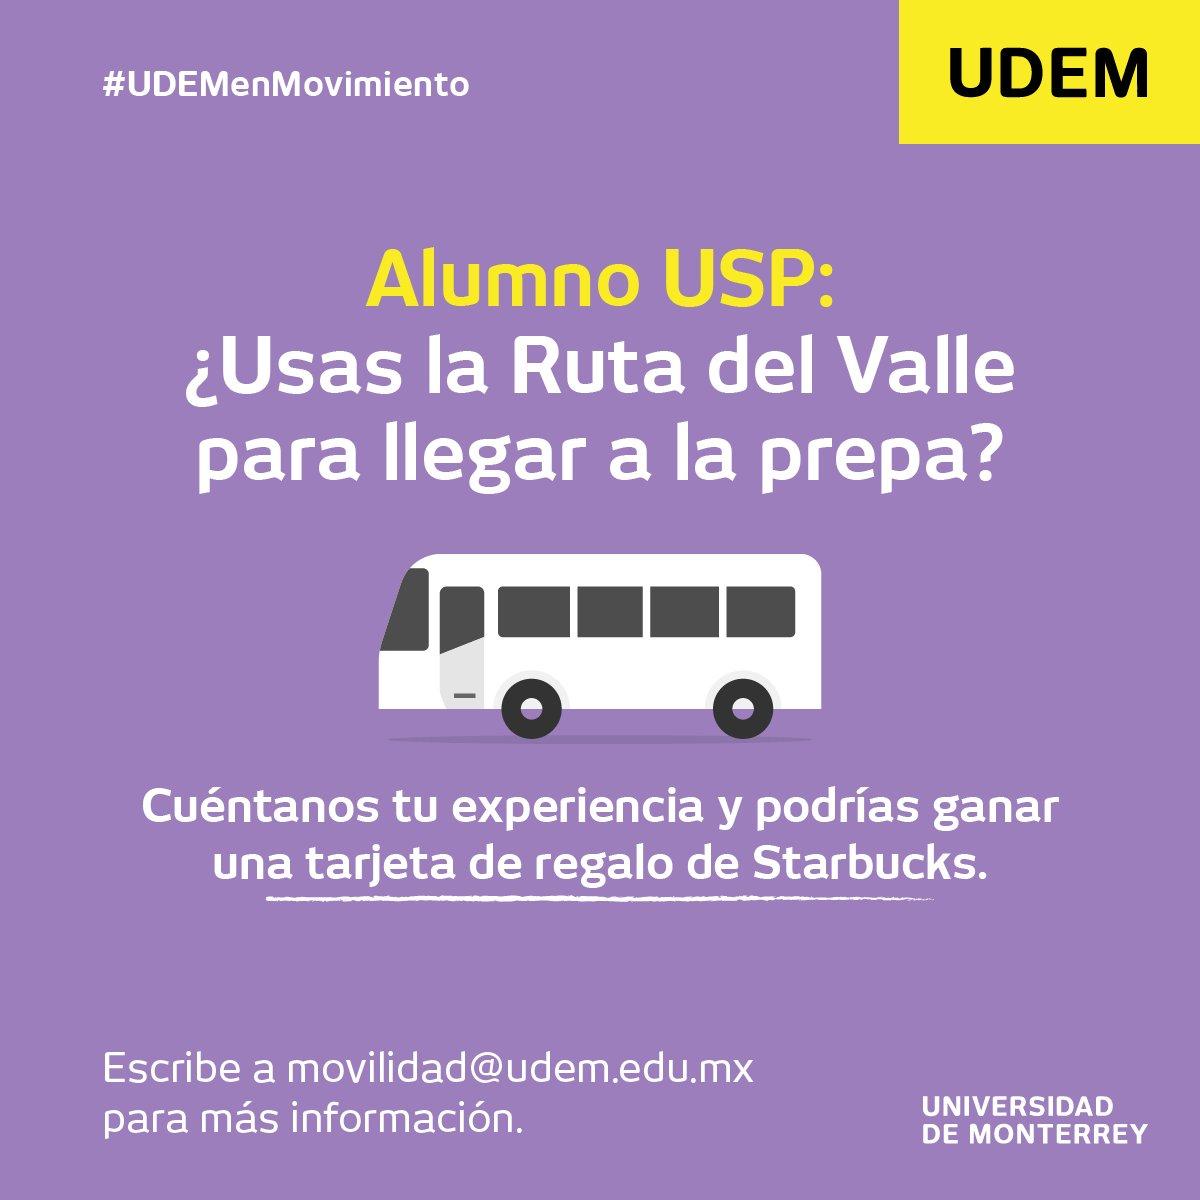 Circuito Udem : Udem en movimiento universidad de monterrey youtube